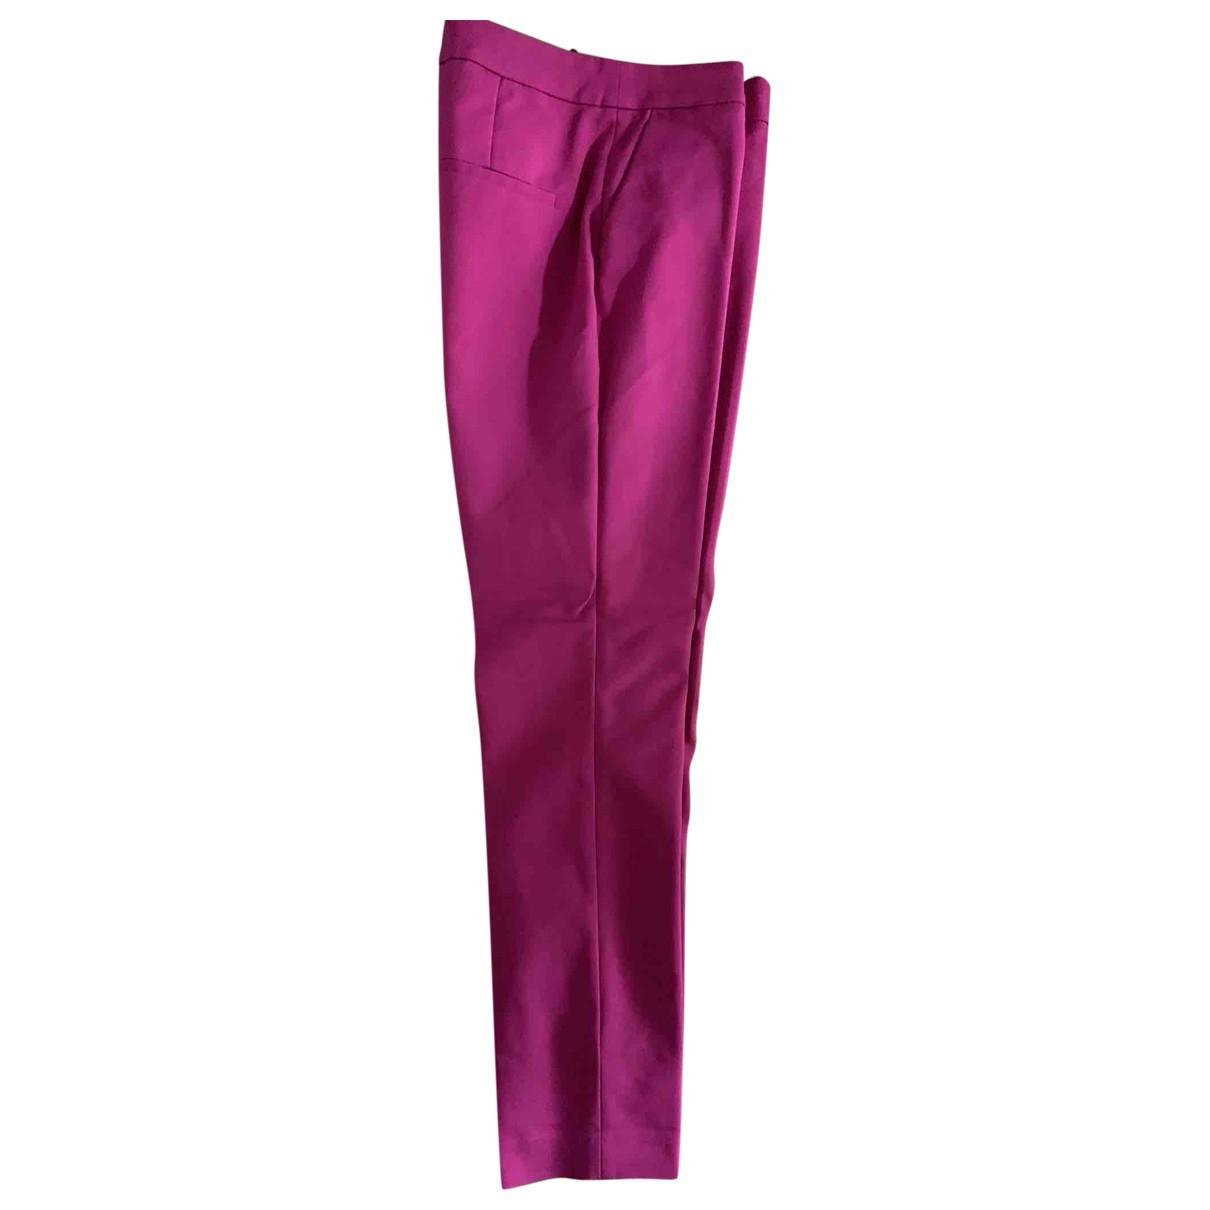 Pantalon en Algodon Rosa Zara